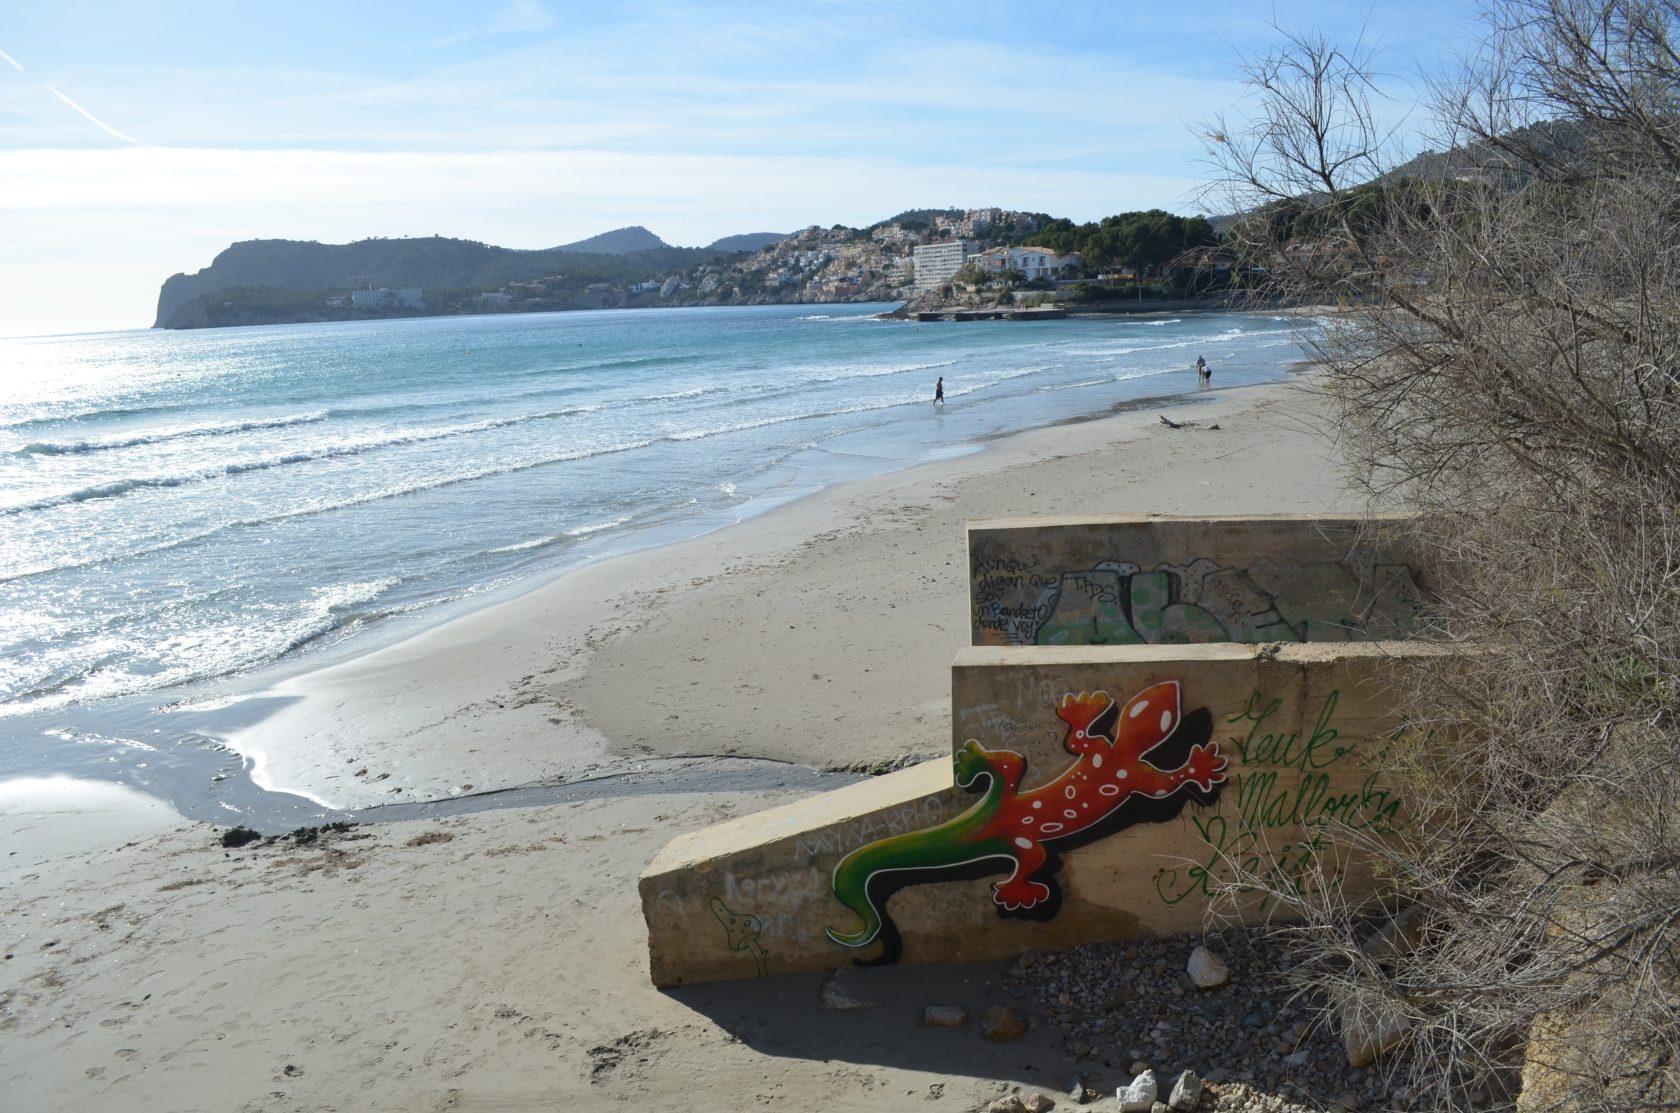 Strand in Paguera mit Spraykunst